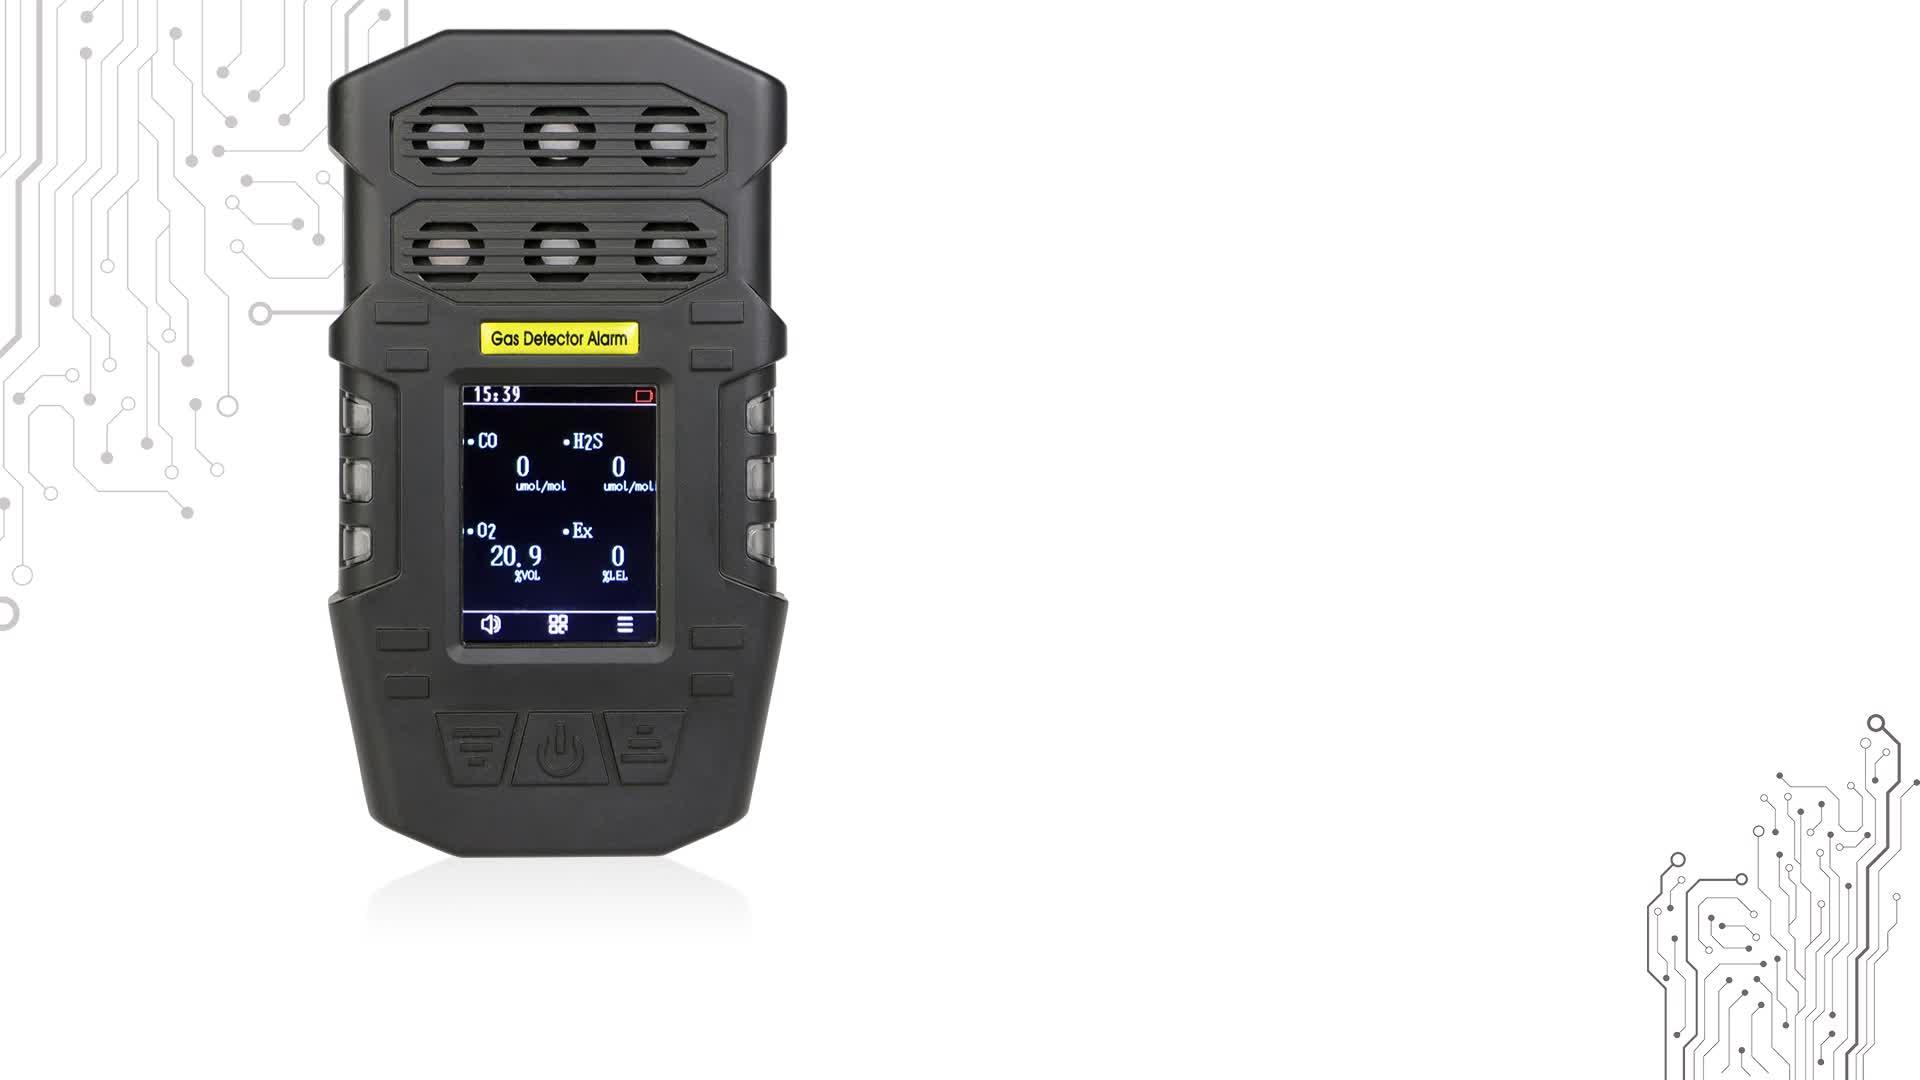 マルチガス h2s ポータブル酸素二酸化炭素 co2 ガス検知器ガス警報検出システム